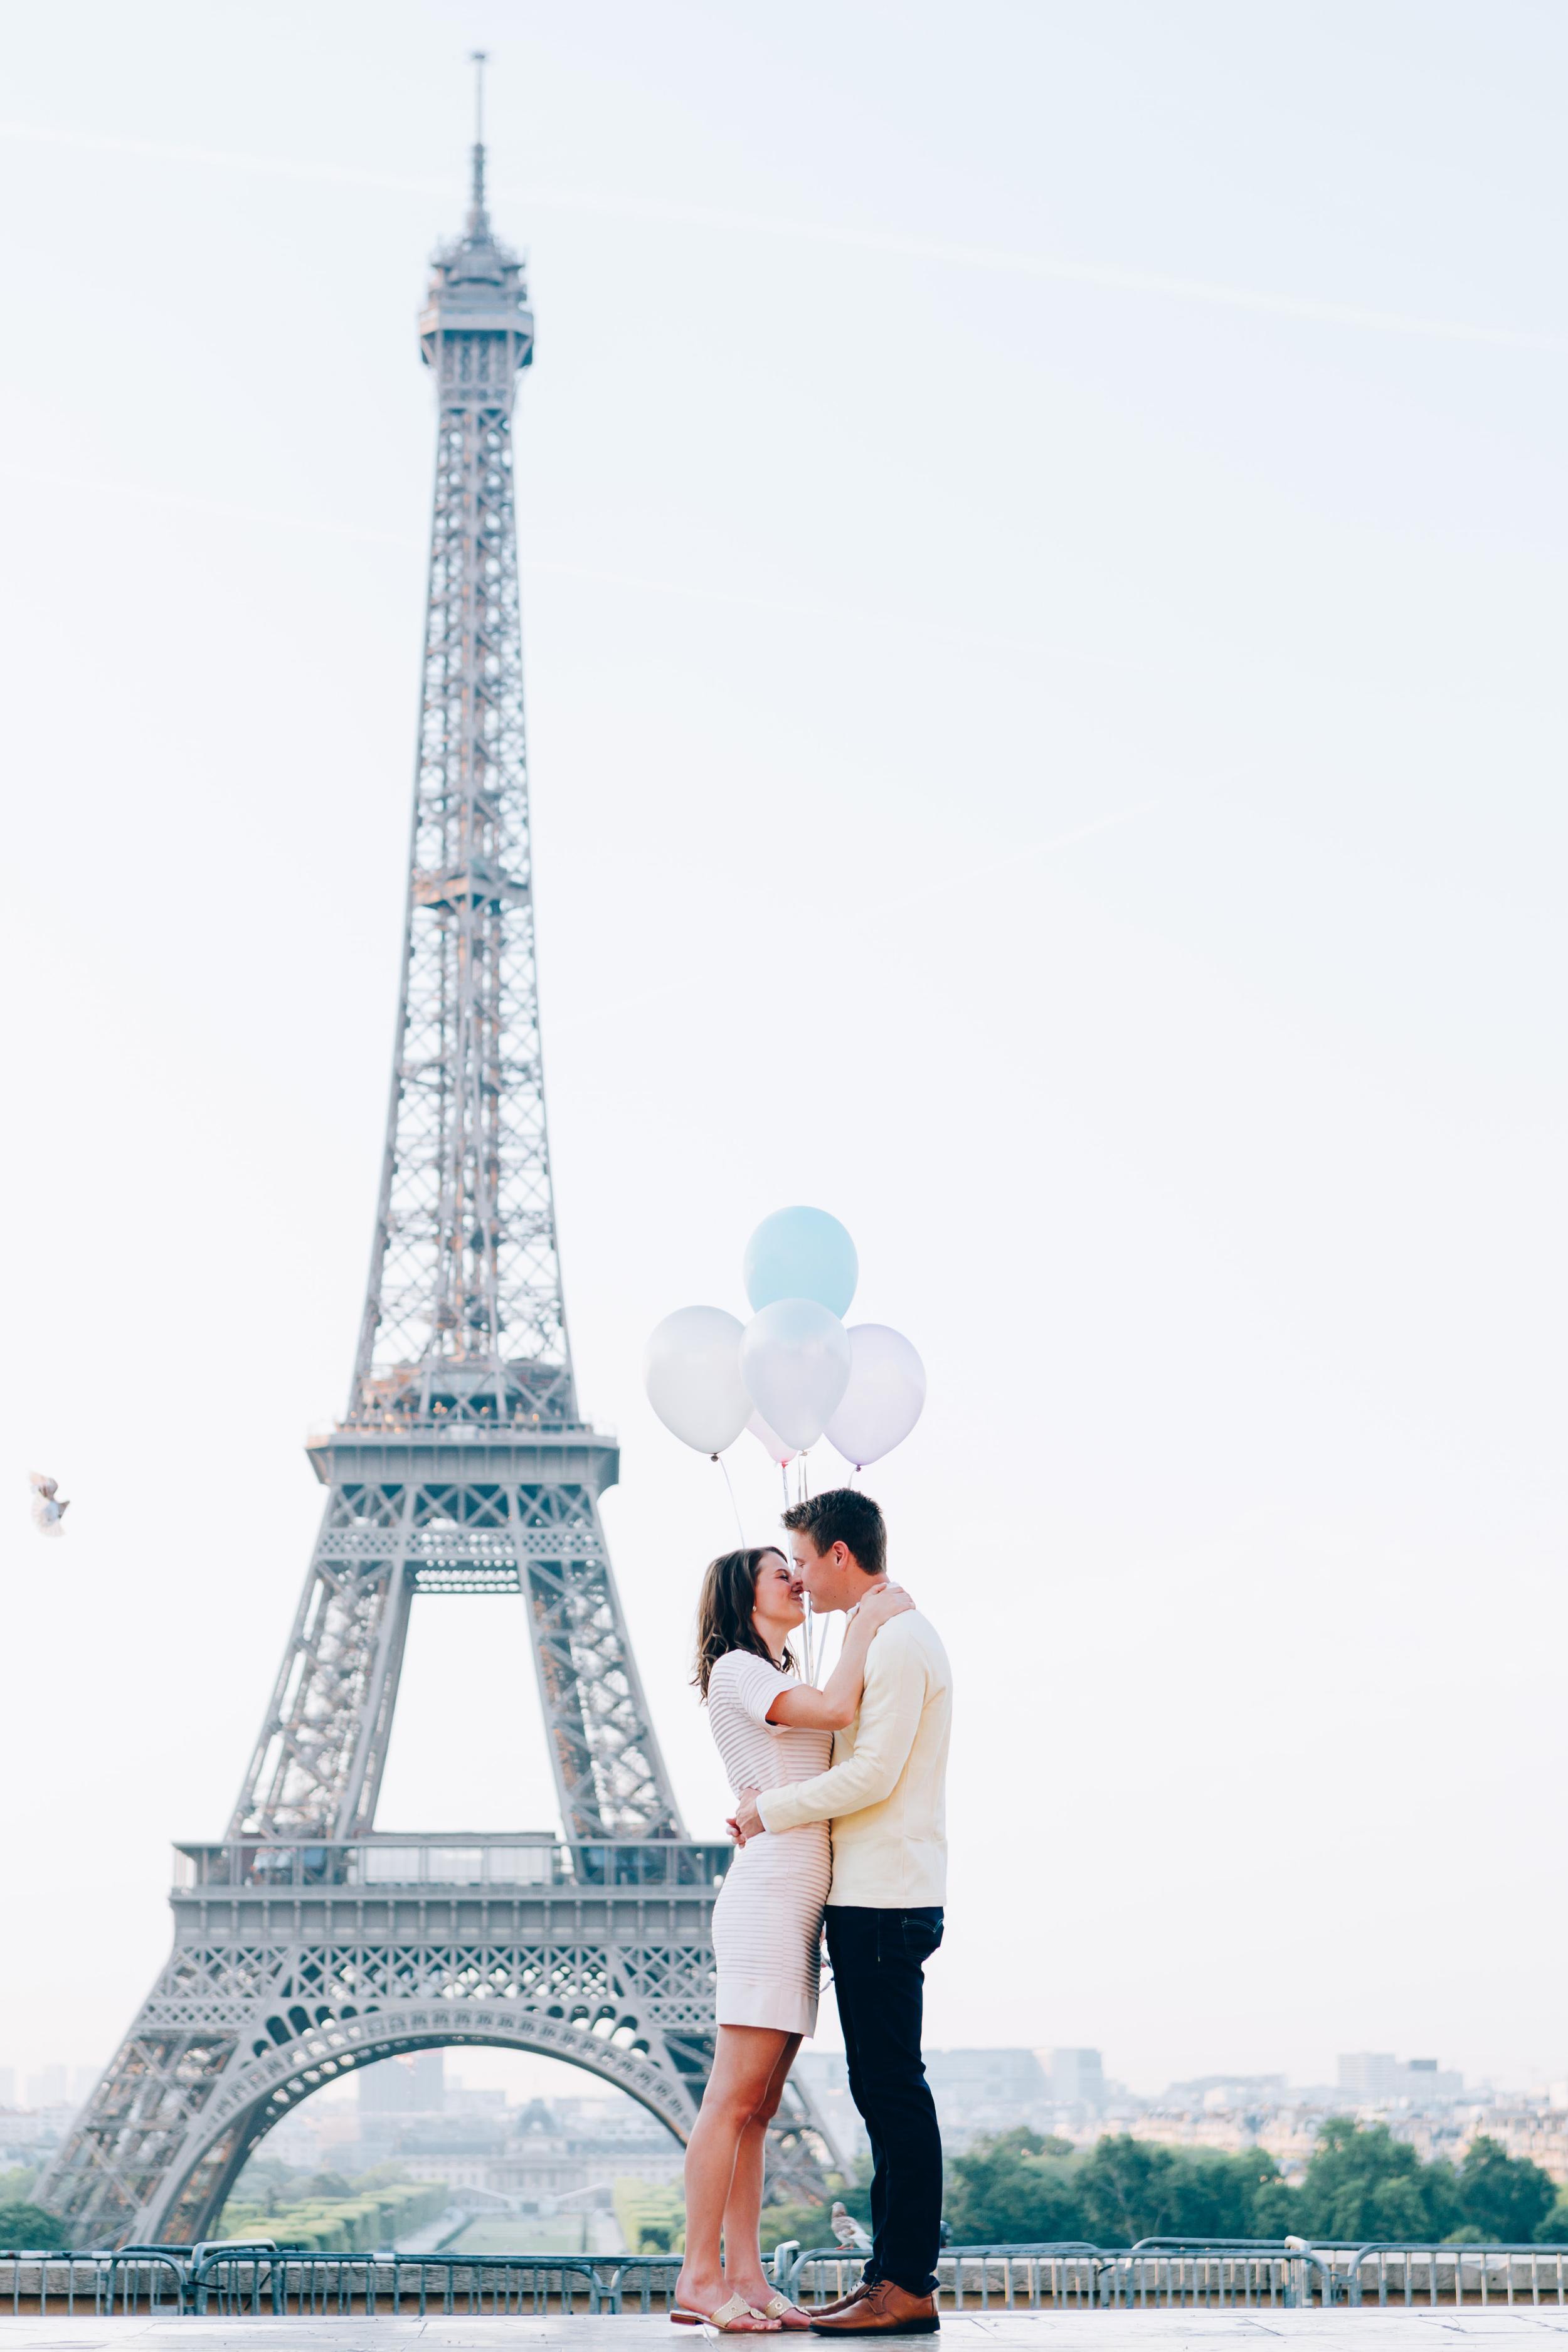 Paris-Photographer-Eiffel-Tower-Surprise-Proposal-Pigeons-Kiss-Iheartparisfr.jpg